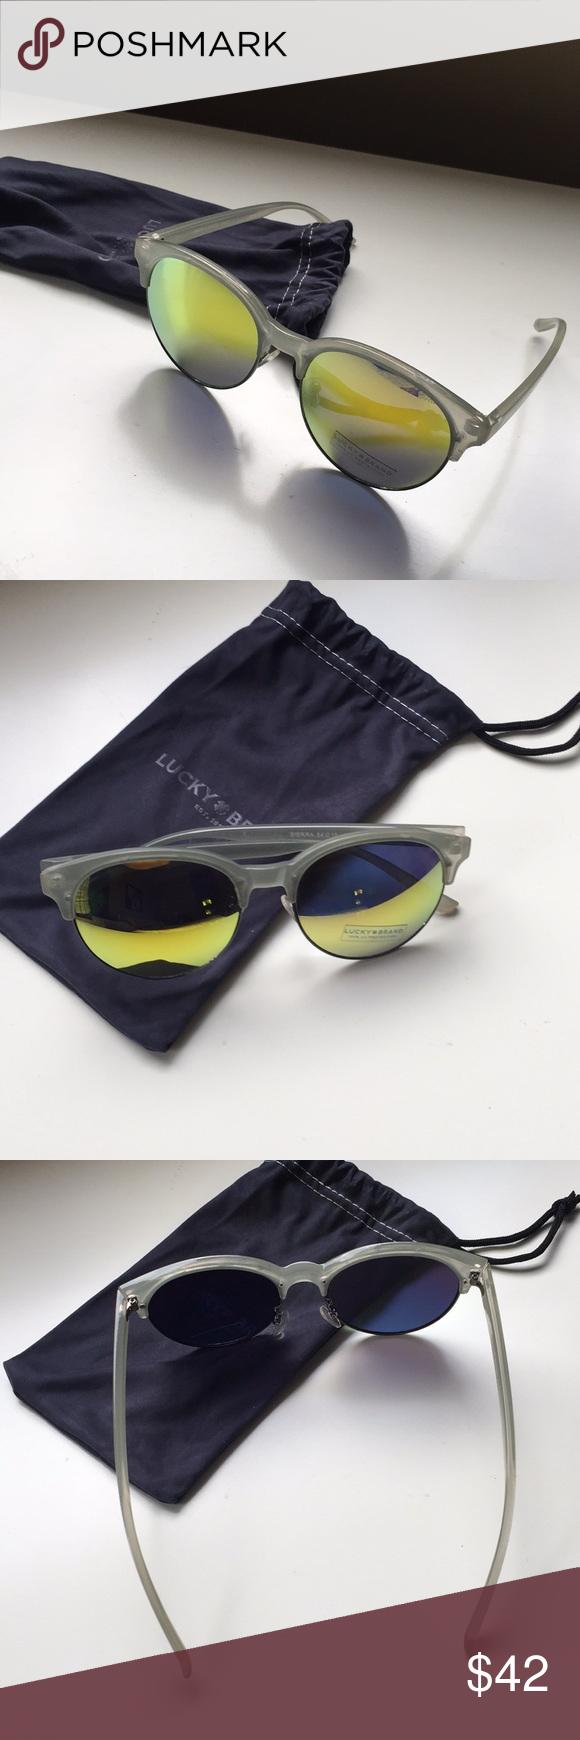 2375483ac9a Lucky brand sunglasses 🕶 🎁🌺 Brand New summer sunglasses by lucky brand  🌺🎁🌺🎁🌺 lucky brand Accessories Sunglasses